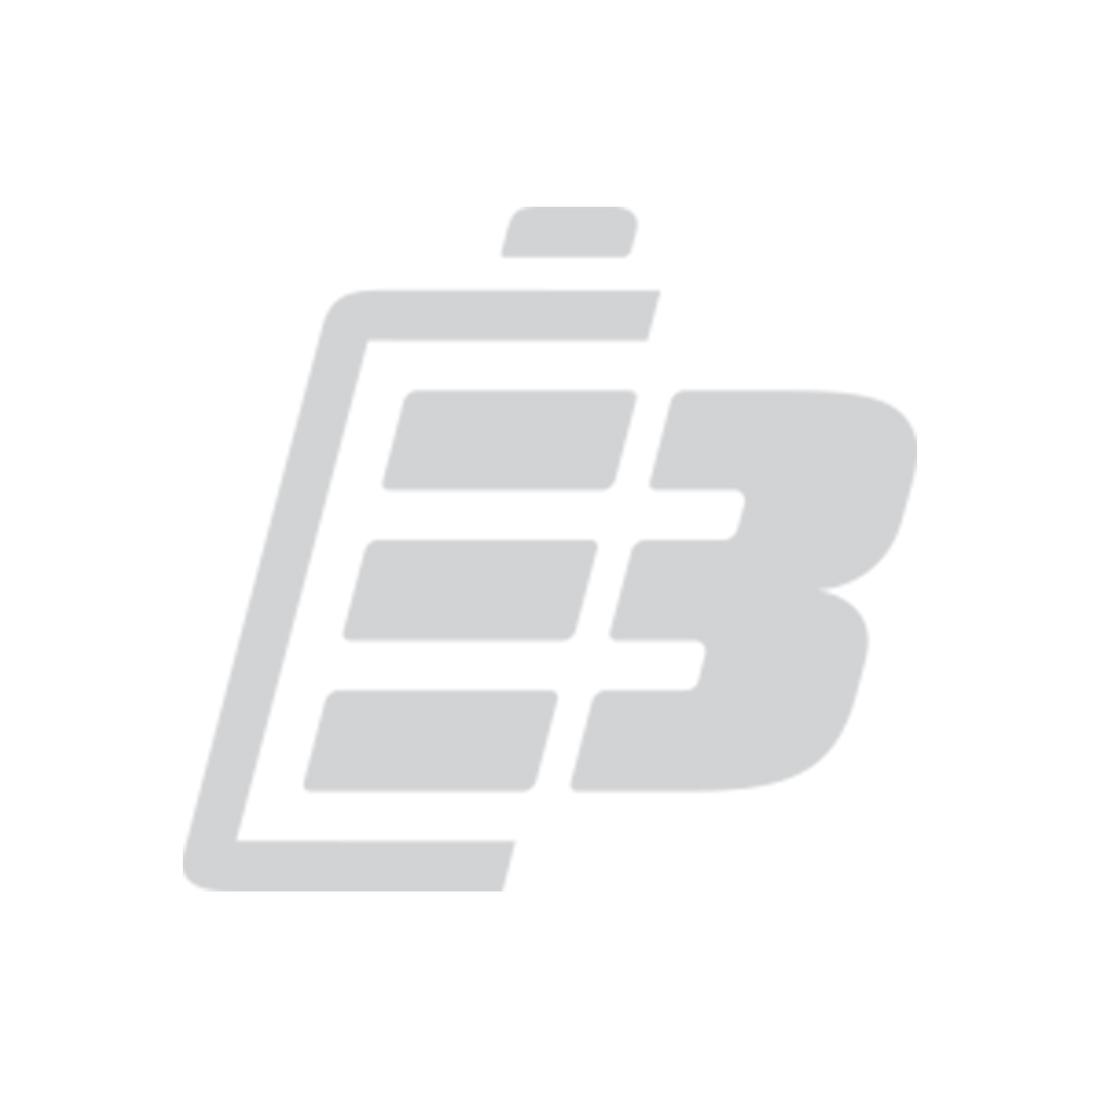 Μπαταρία φωτογραφικής μηχανής Sony NP-BG1_1